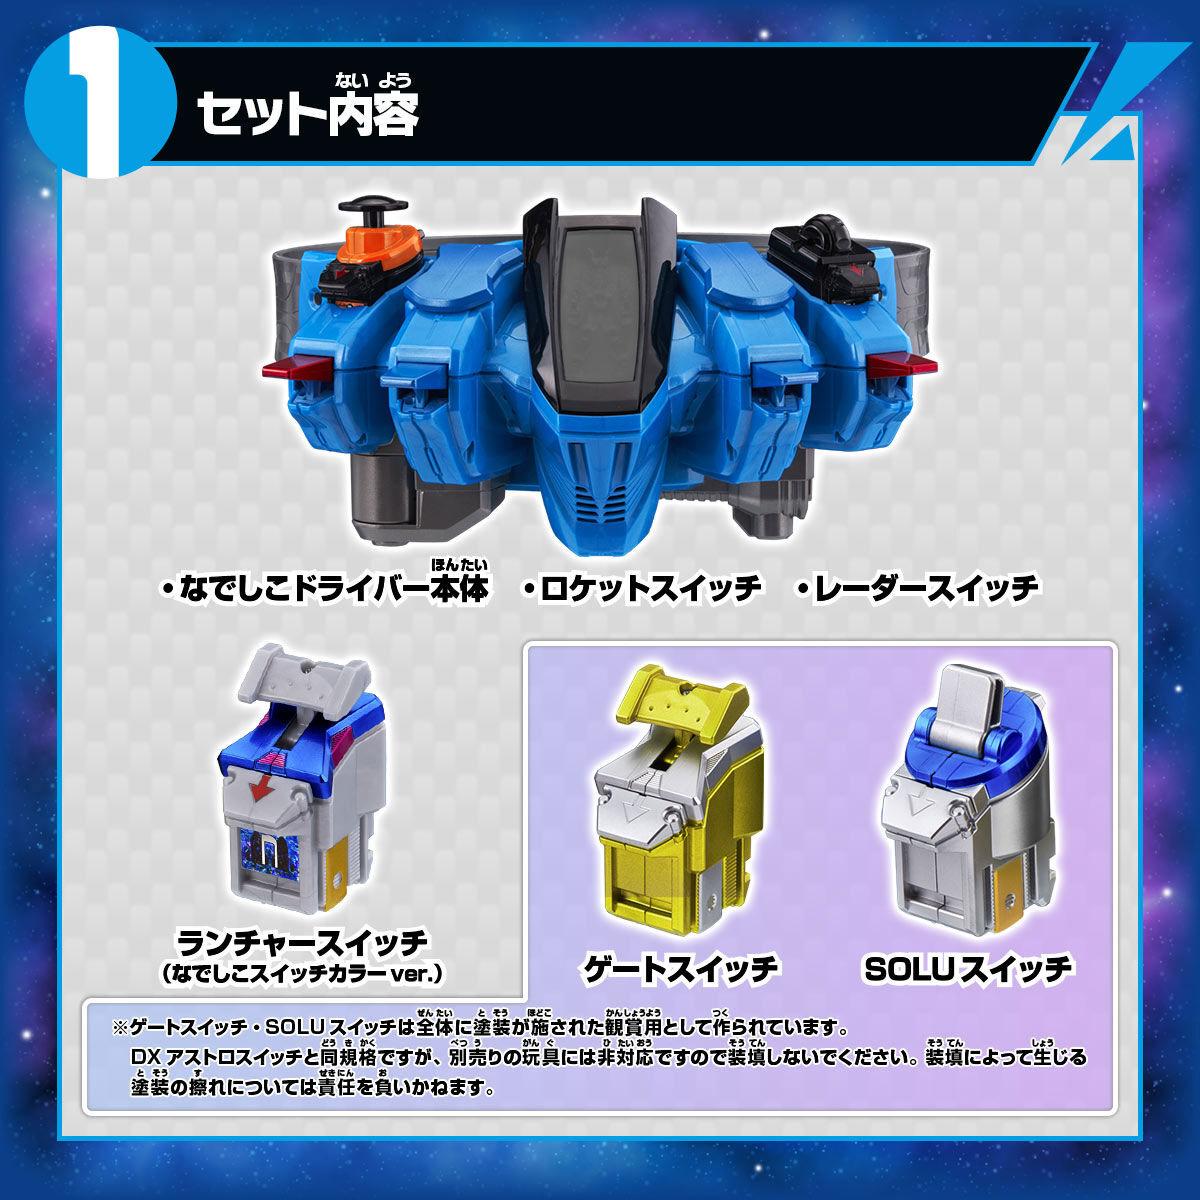 【限定販売】仮面ライダーフォーゼ『変身ベルト DXなでしこドライバー』仮面ライダーなでしこ 変身なりきり-003